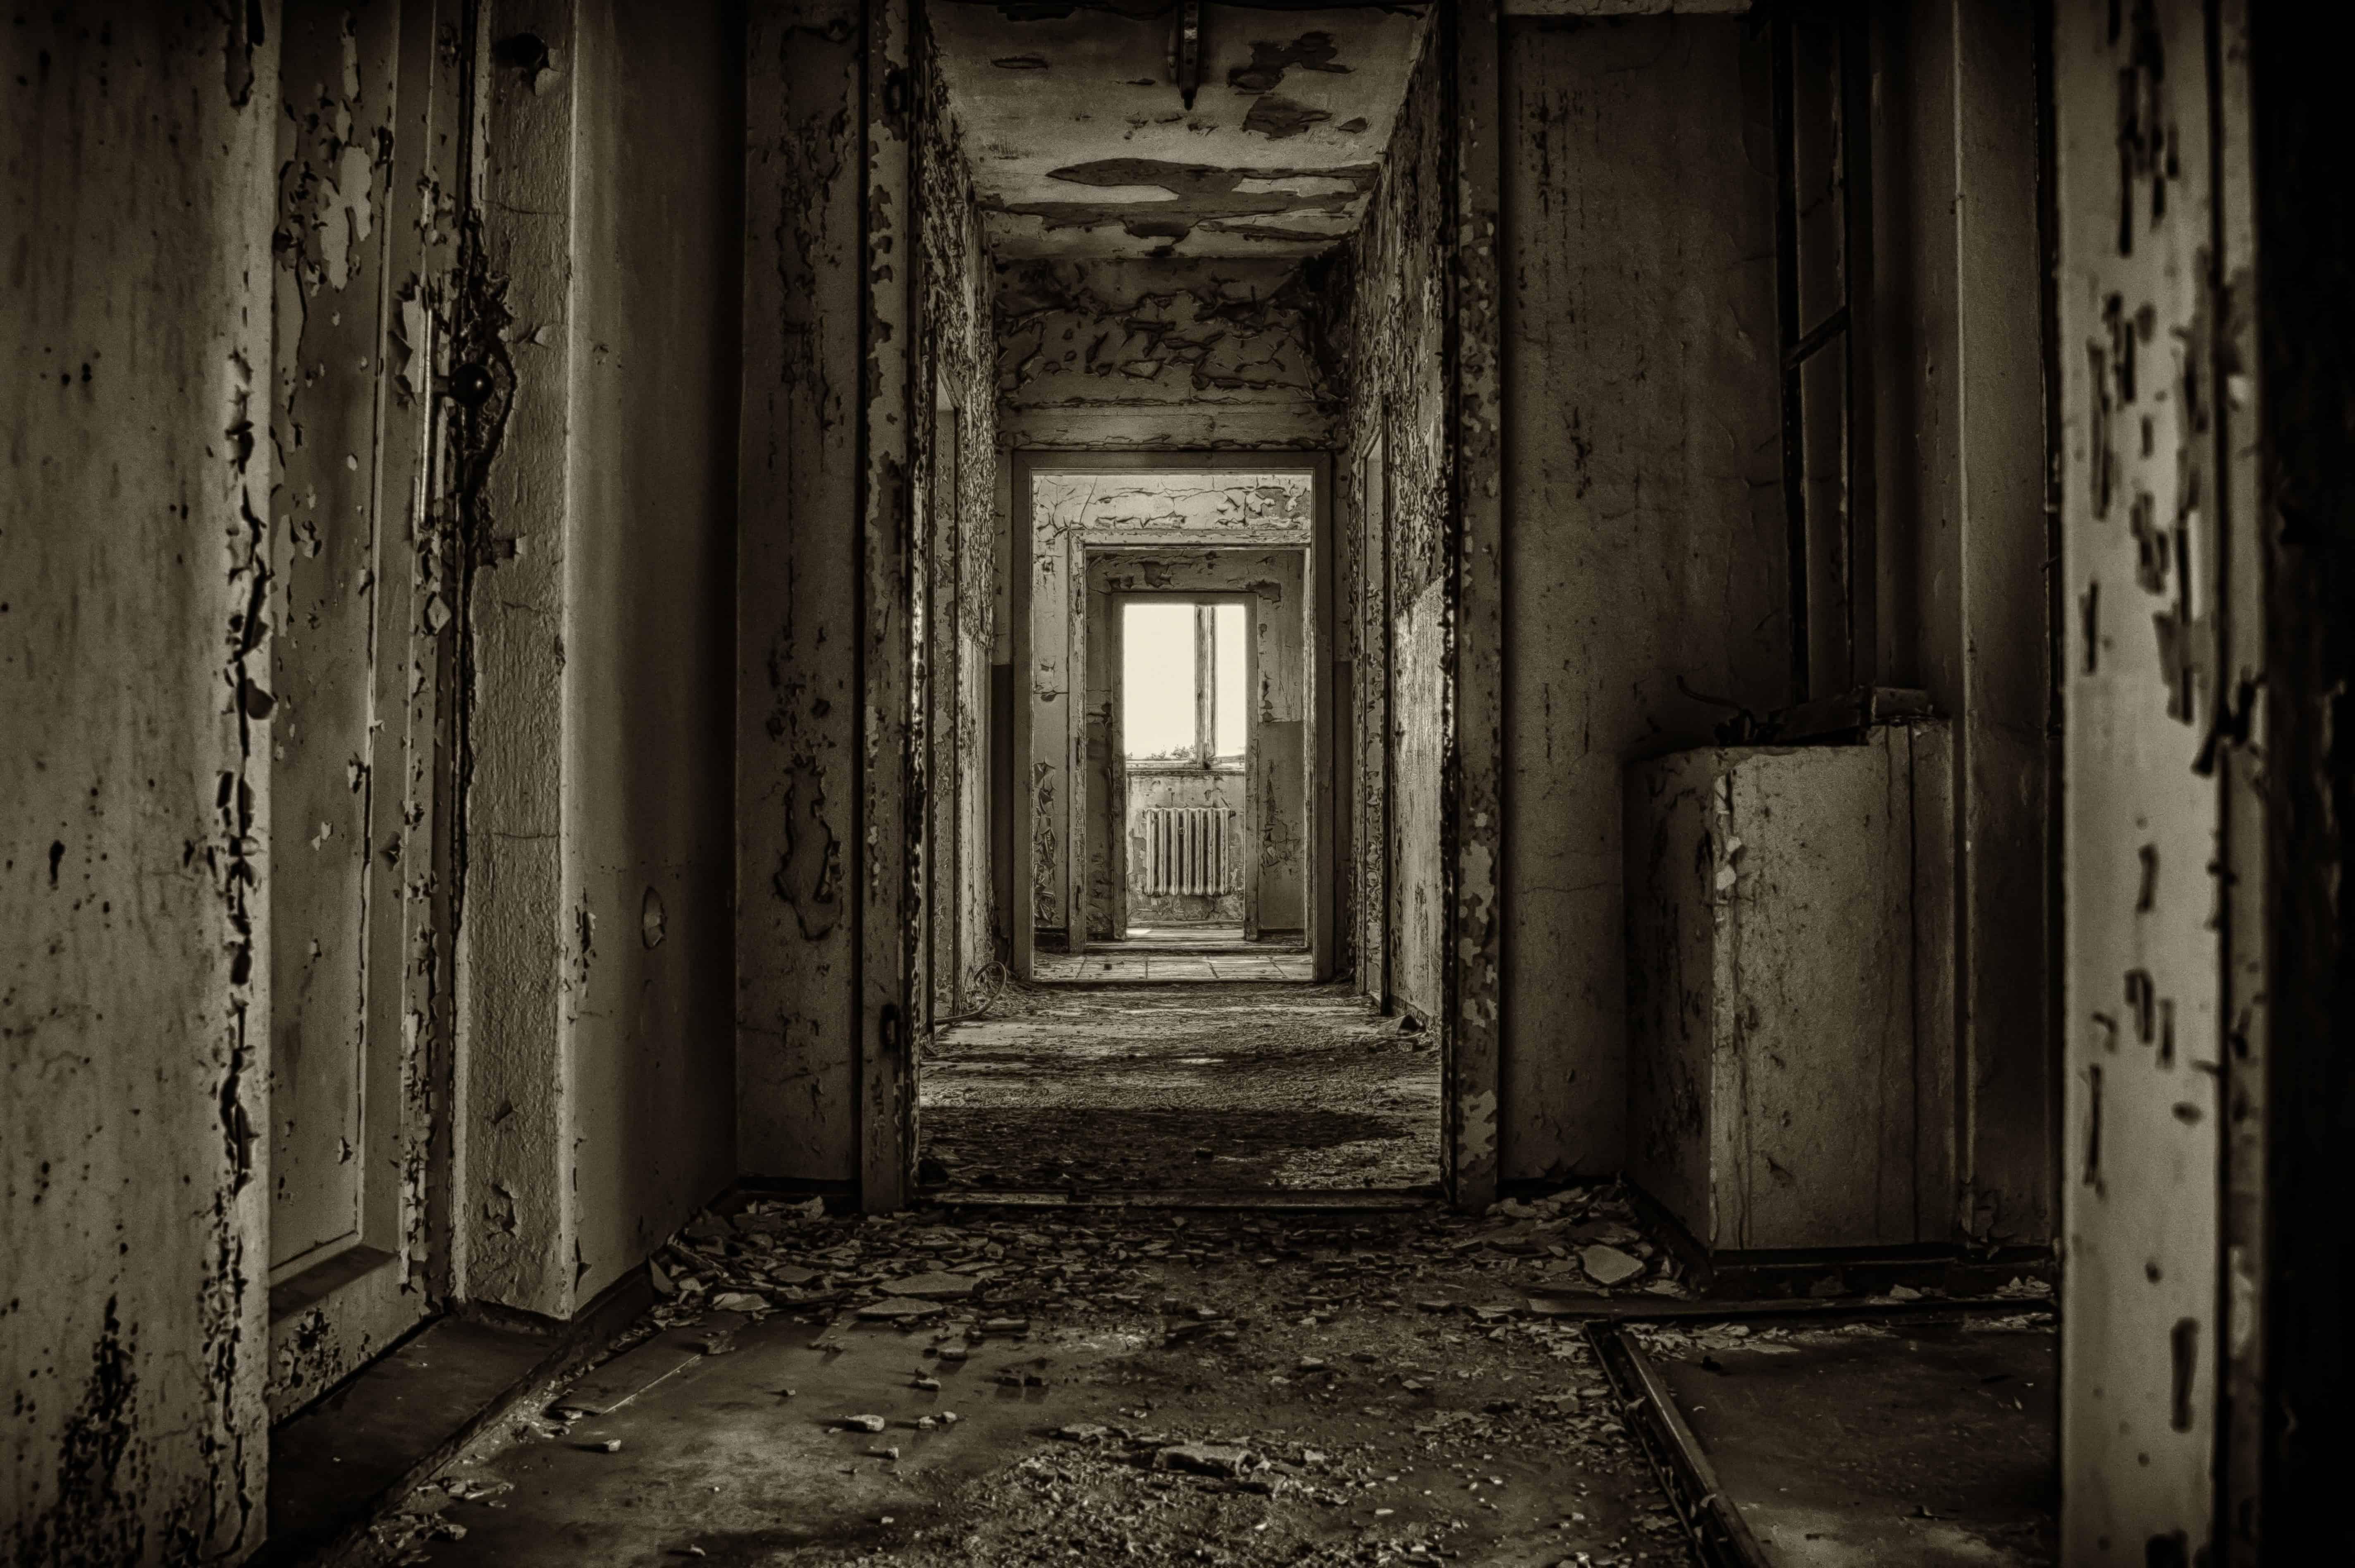 Free picture: dark, old, door, derelict, shadow, darkness, doorway ...